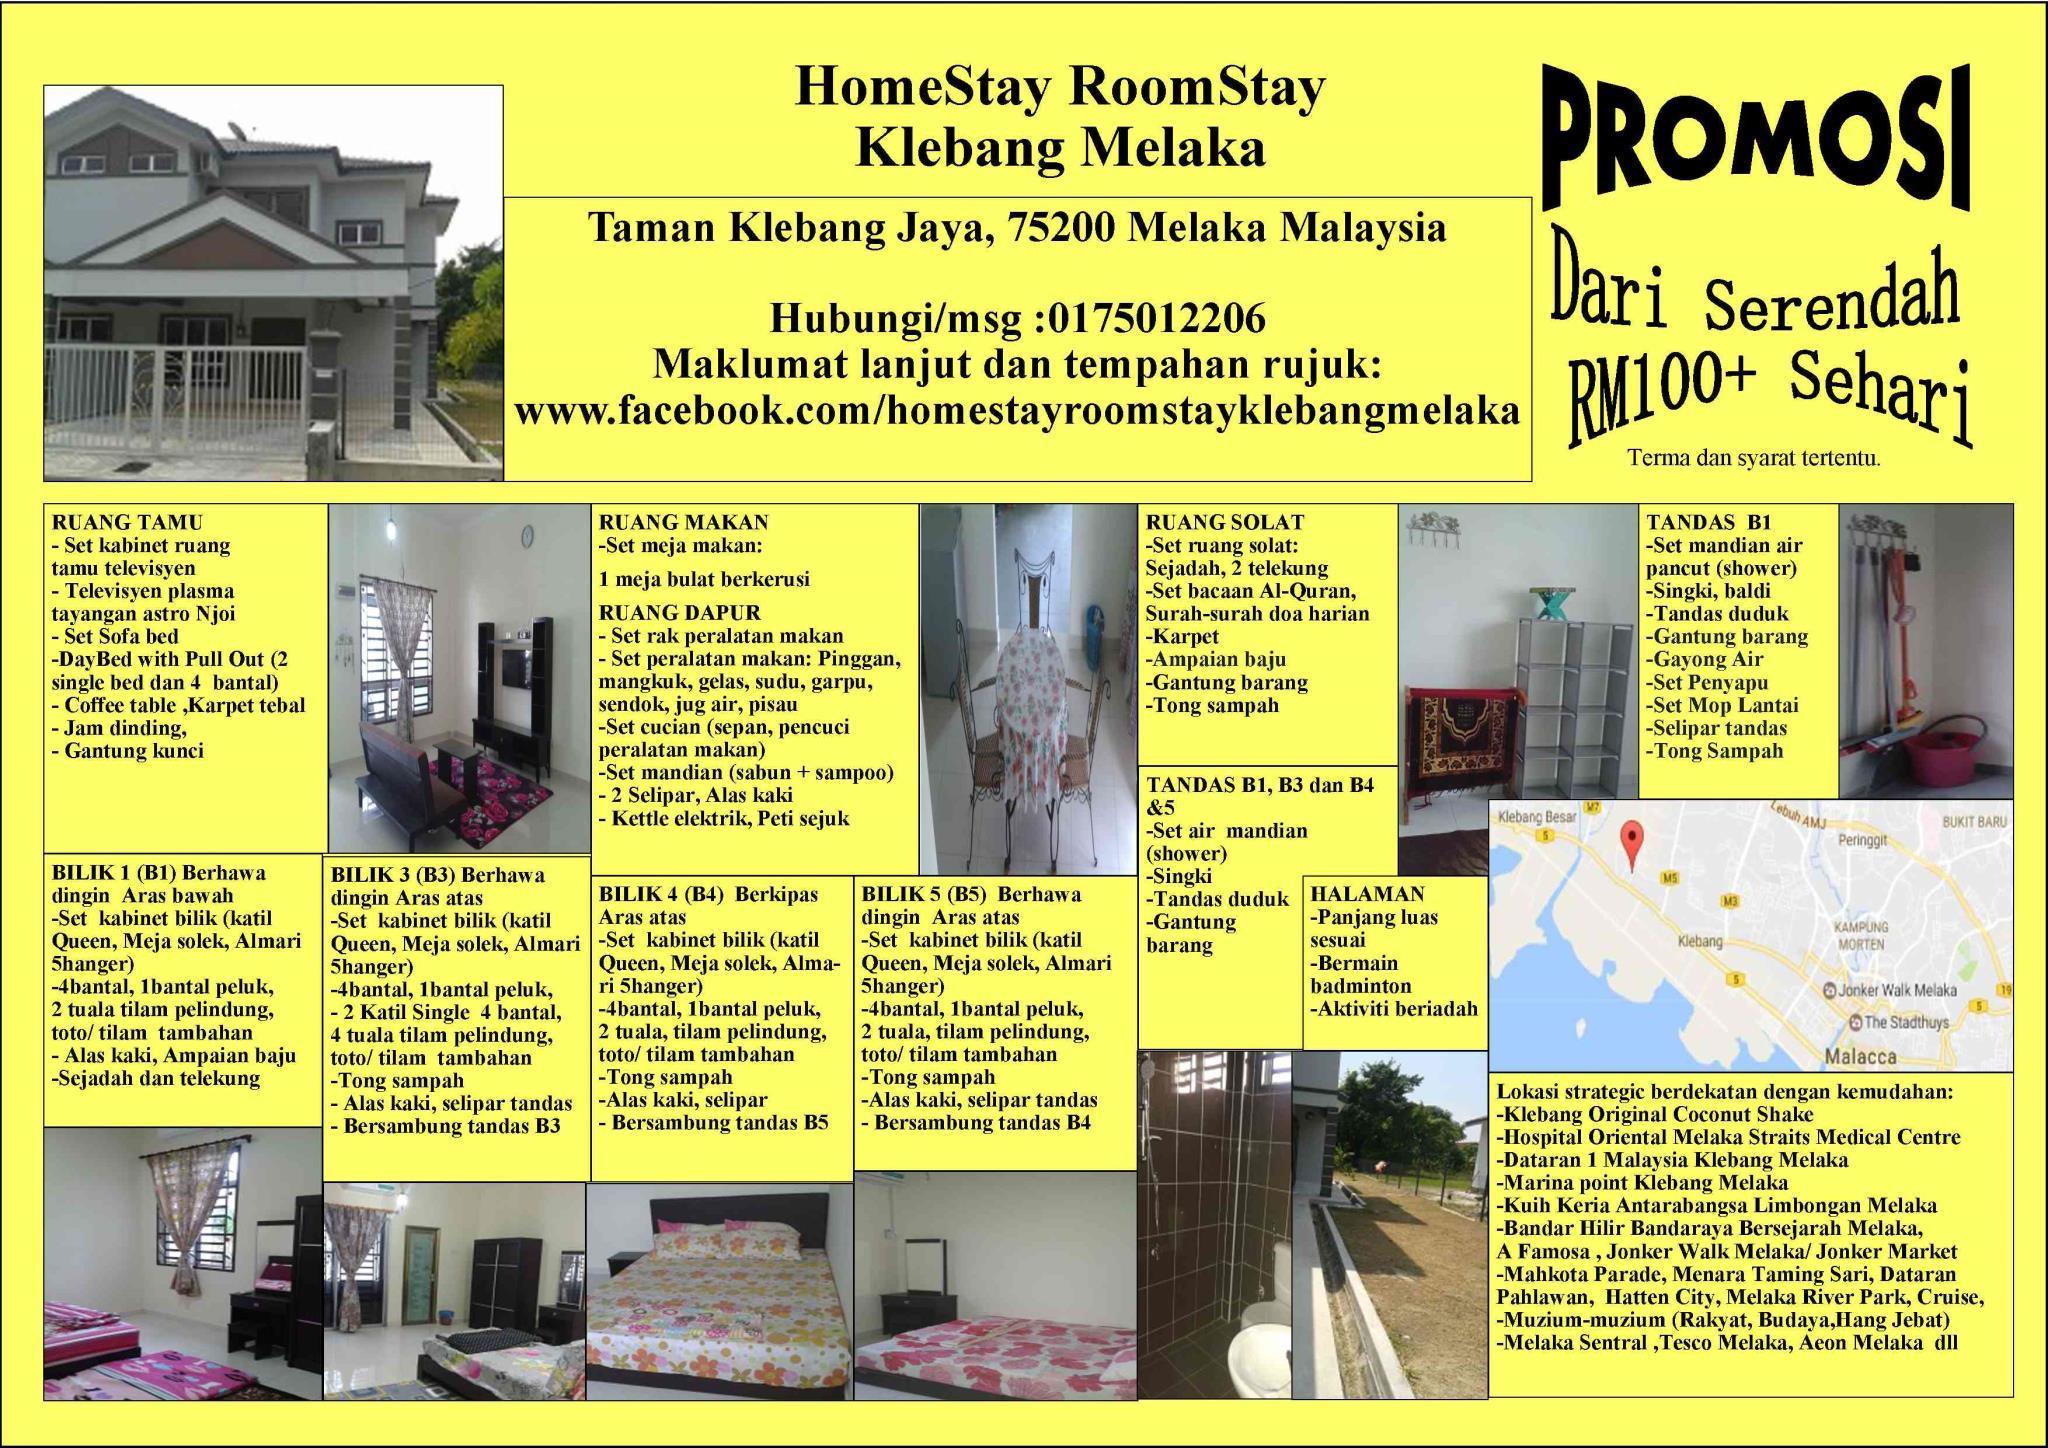 HomeStay RoomStay Klebang Melaka